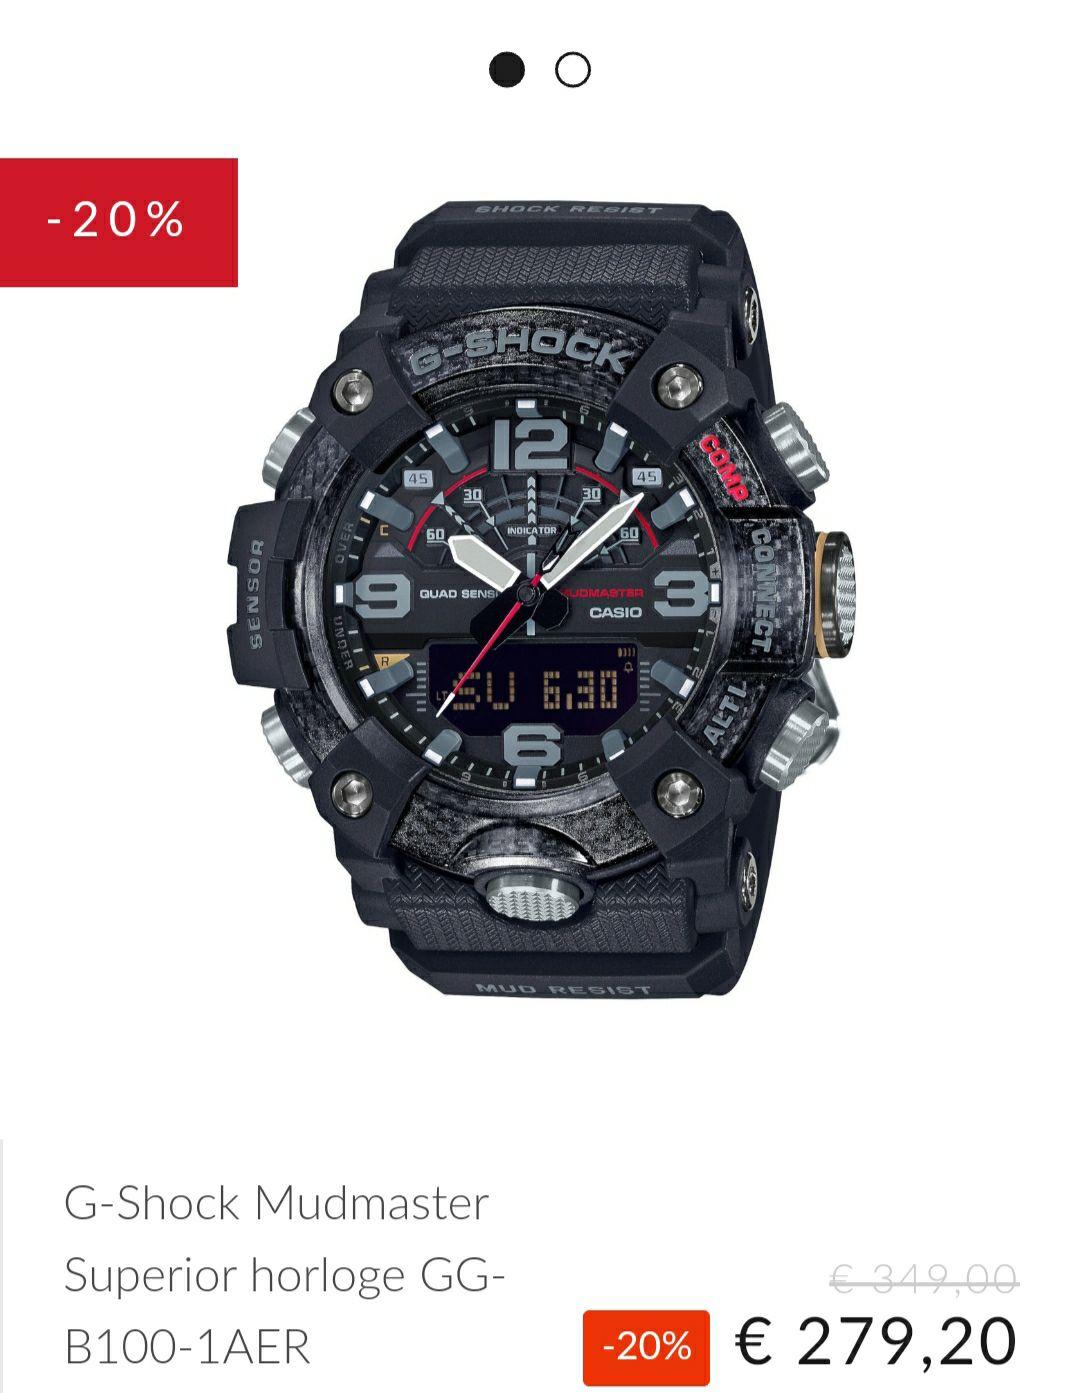 Op alle gshock horloges 20% korting